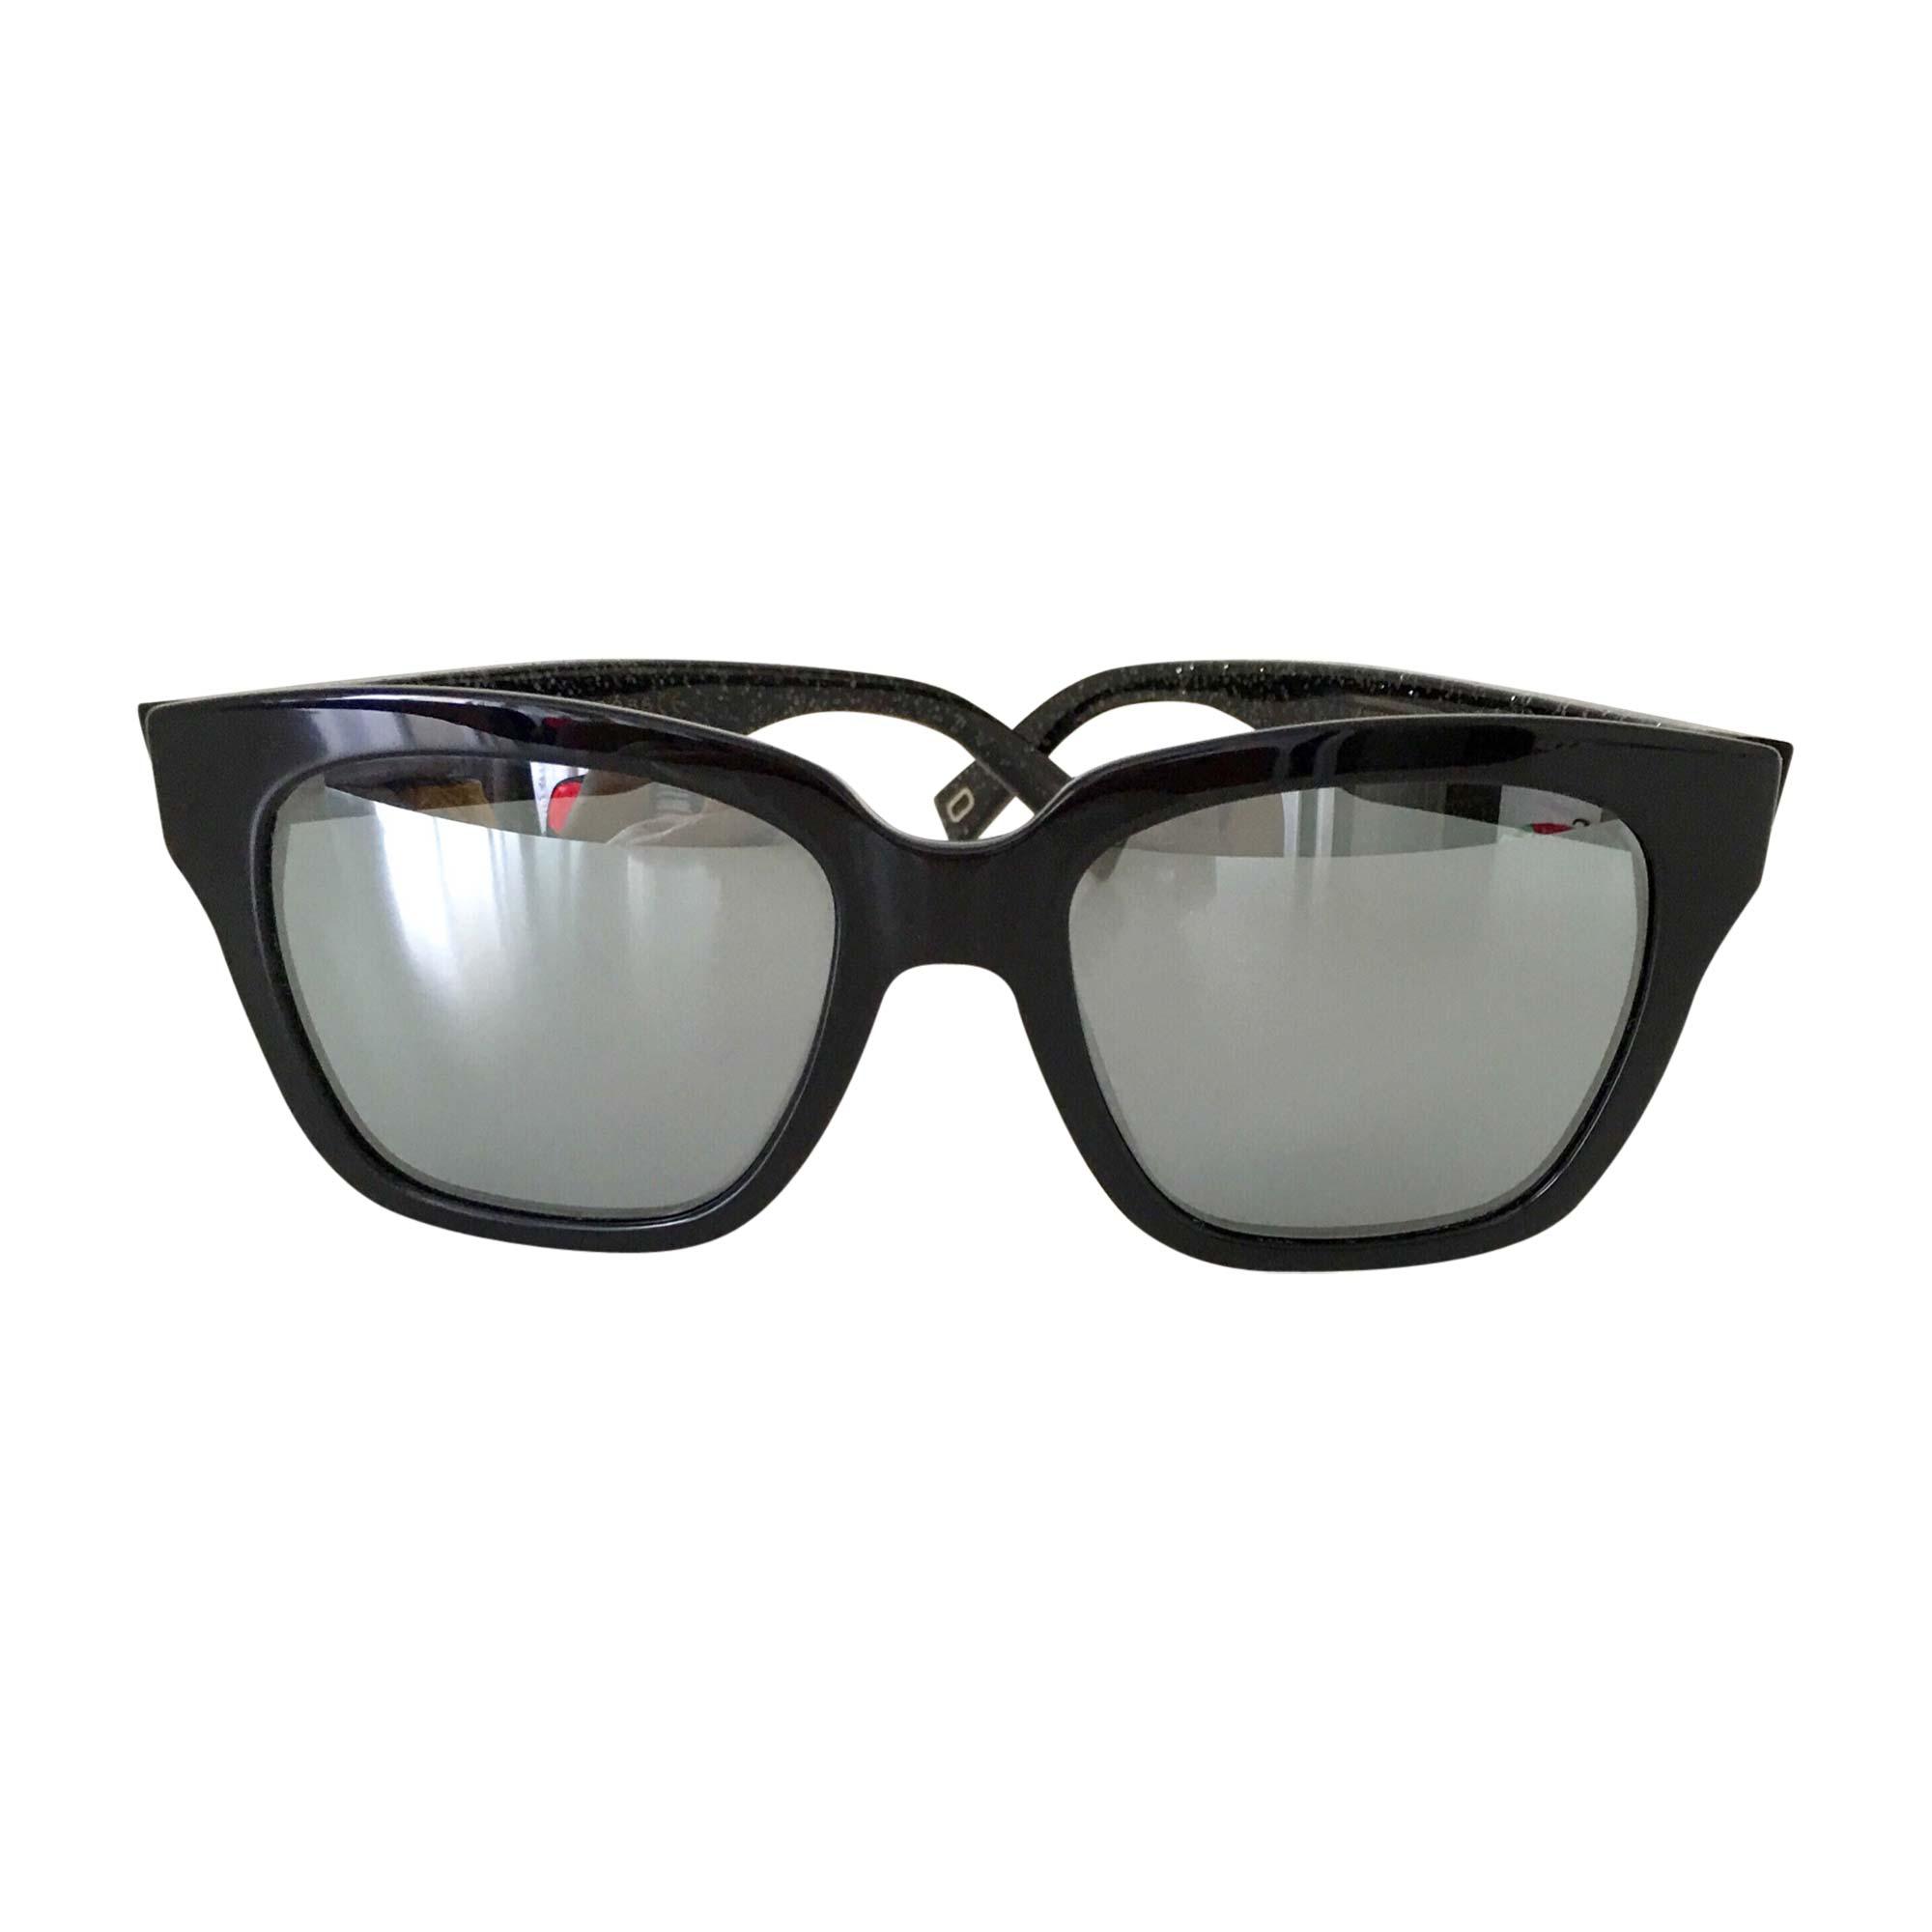 Sonnenbrille MARC JACOBS schwarz - 7903512